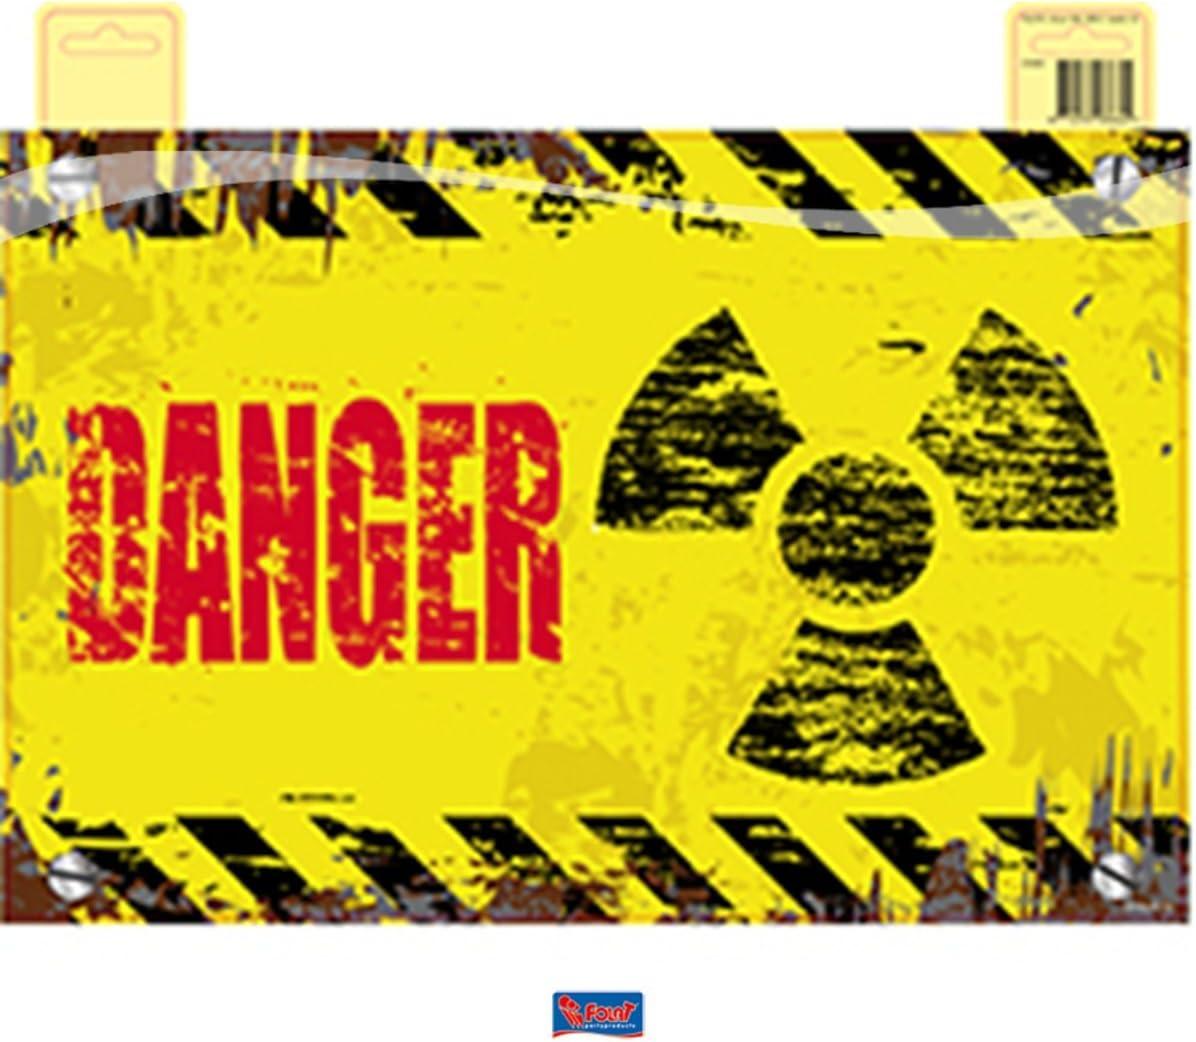 feestartikelen.nl Placa para Puerta con Texto en alemán Danger Gefahr - 37 cm: Amazon.es: Juguetes y juegos